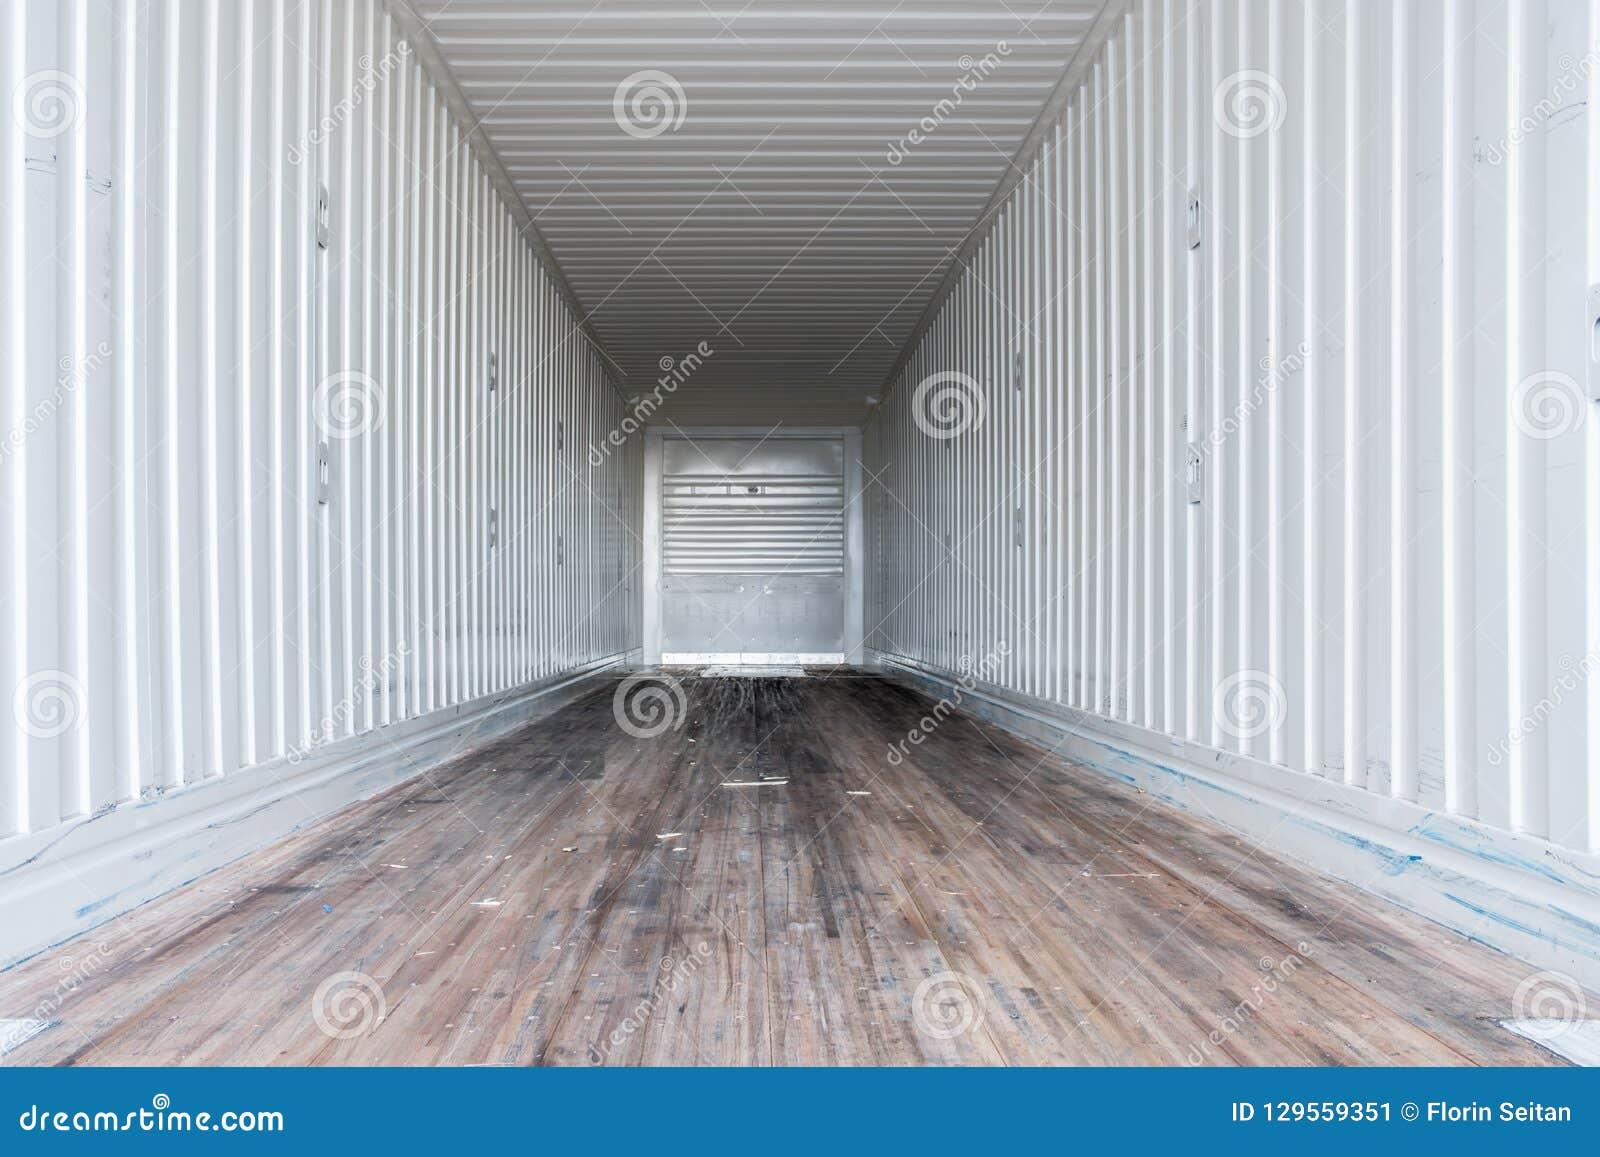 Εσωτερική άποψη του κενού ημι φορτηγού ξηρό van trailer